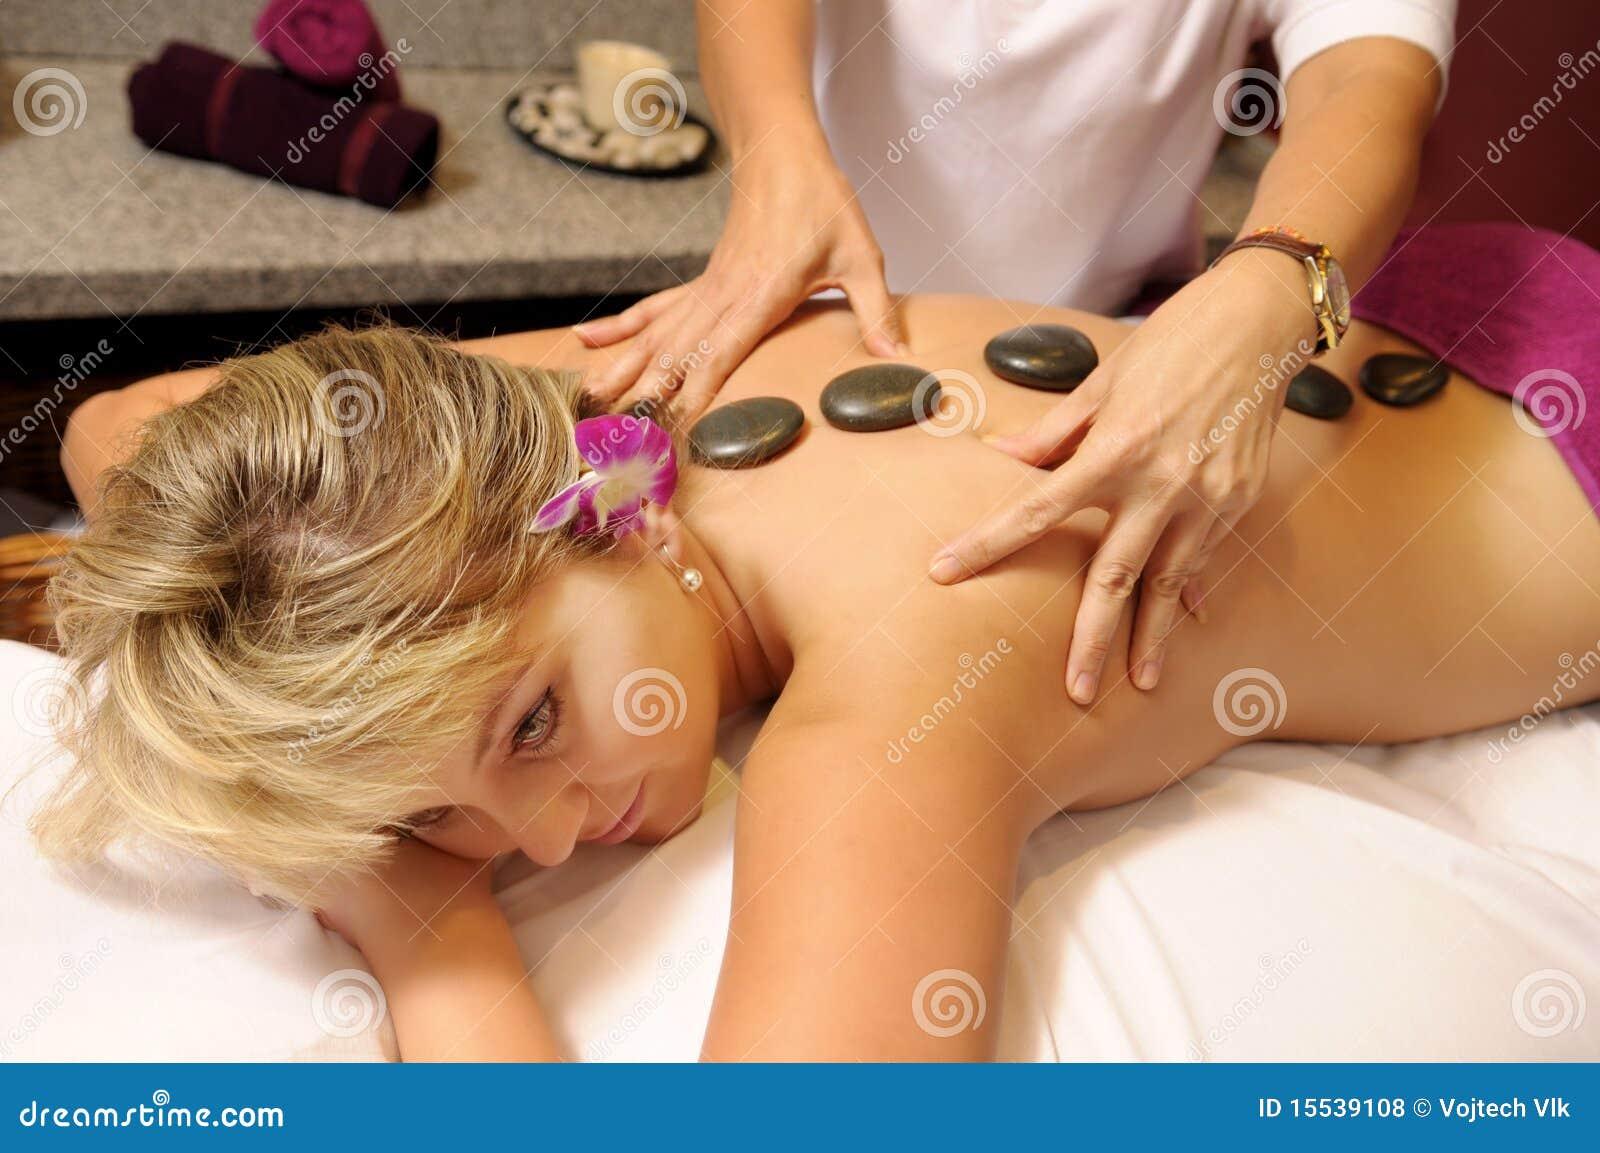 Esbjerg thai massage Thaimassage timer